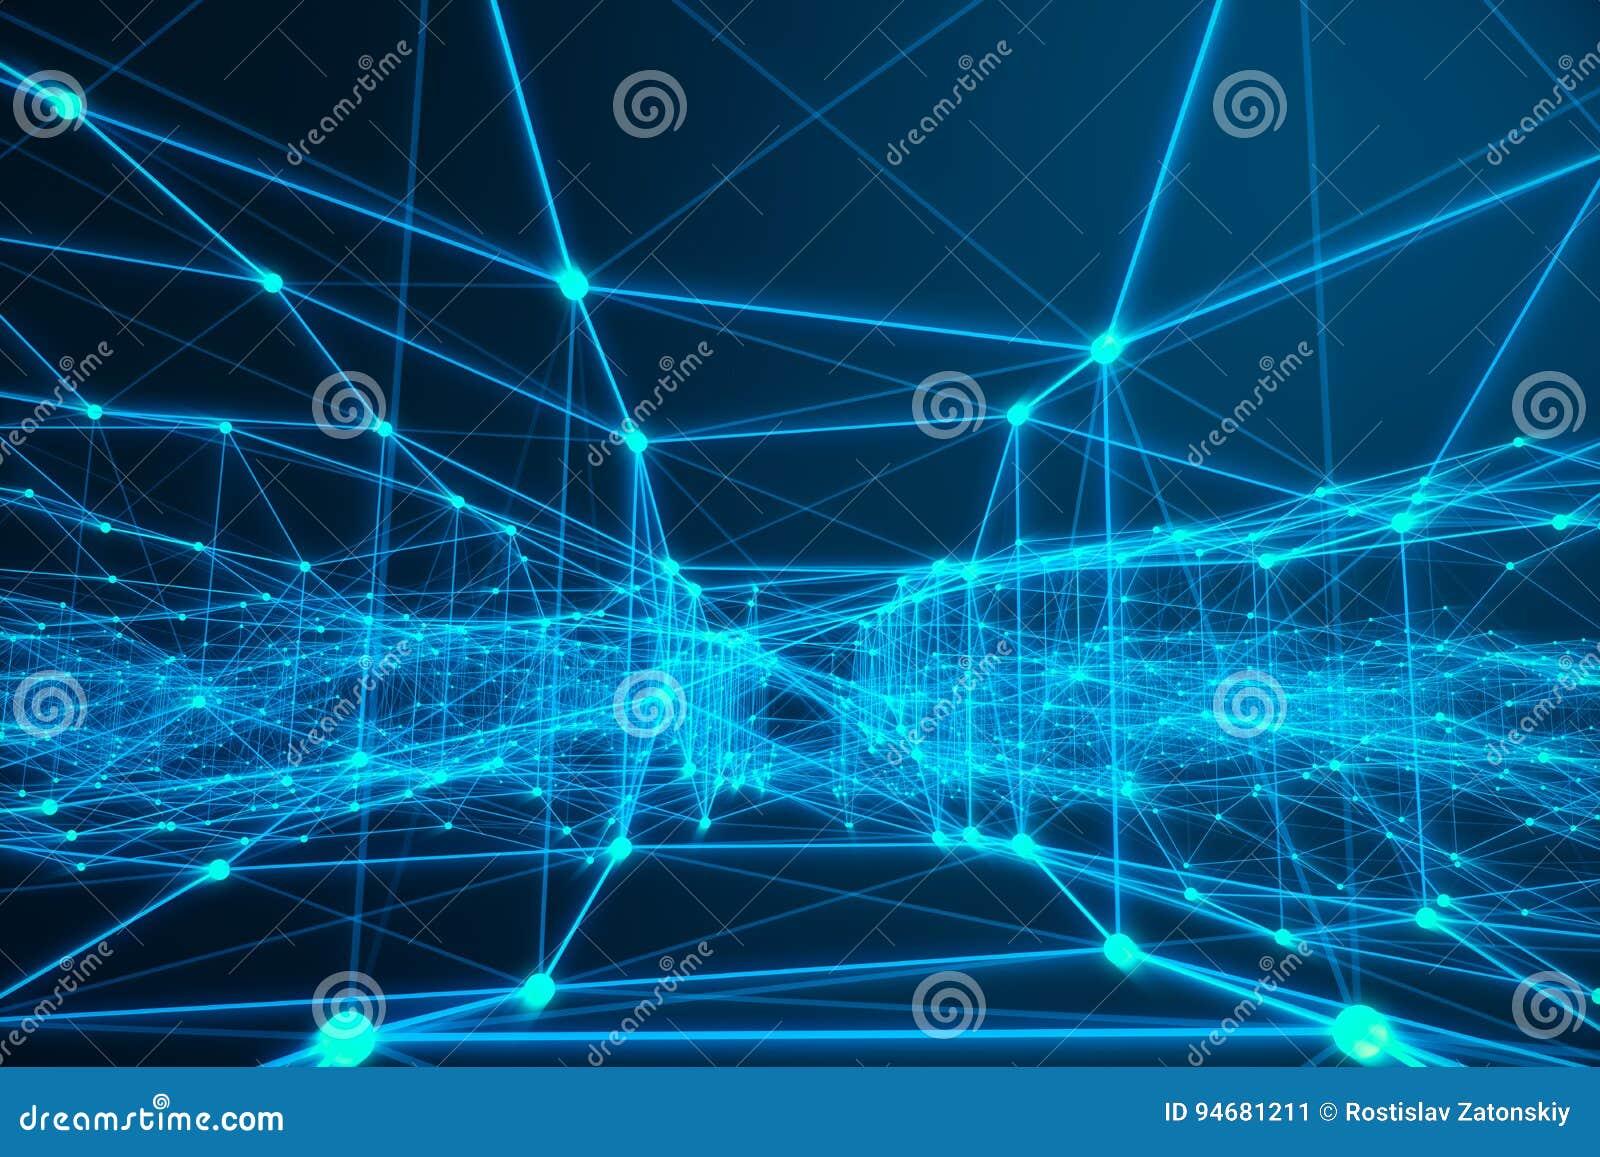 Forme futuriste de connexion technologique, réseau bleu de point, fond abstrait, fond bleu, concept de réseau